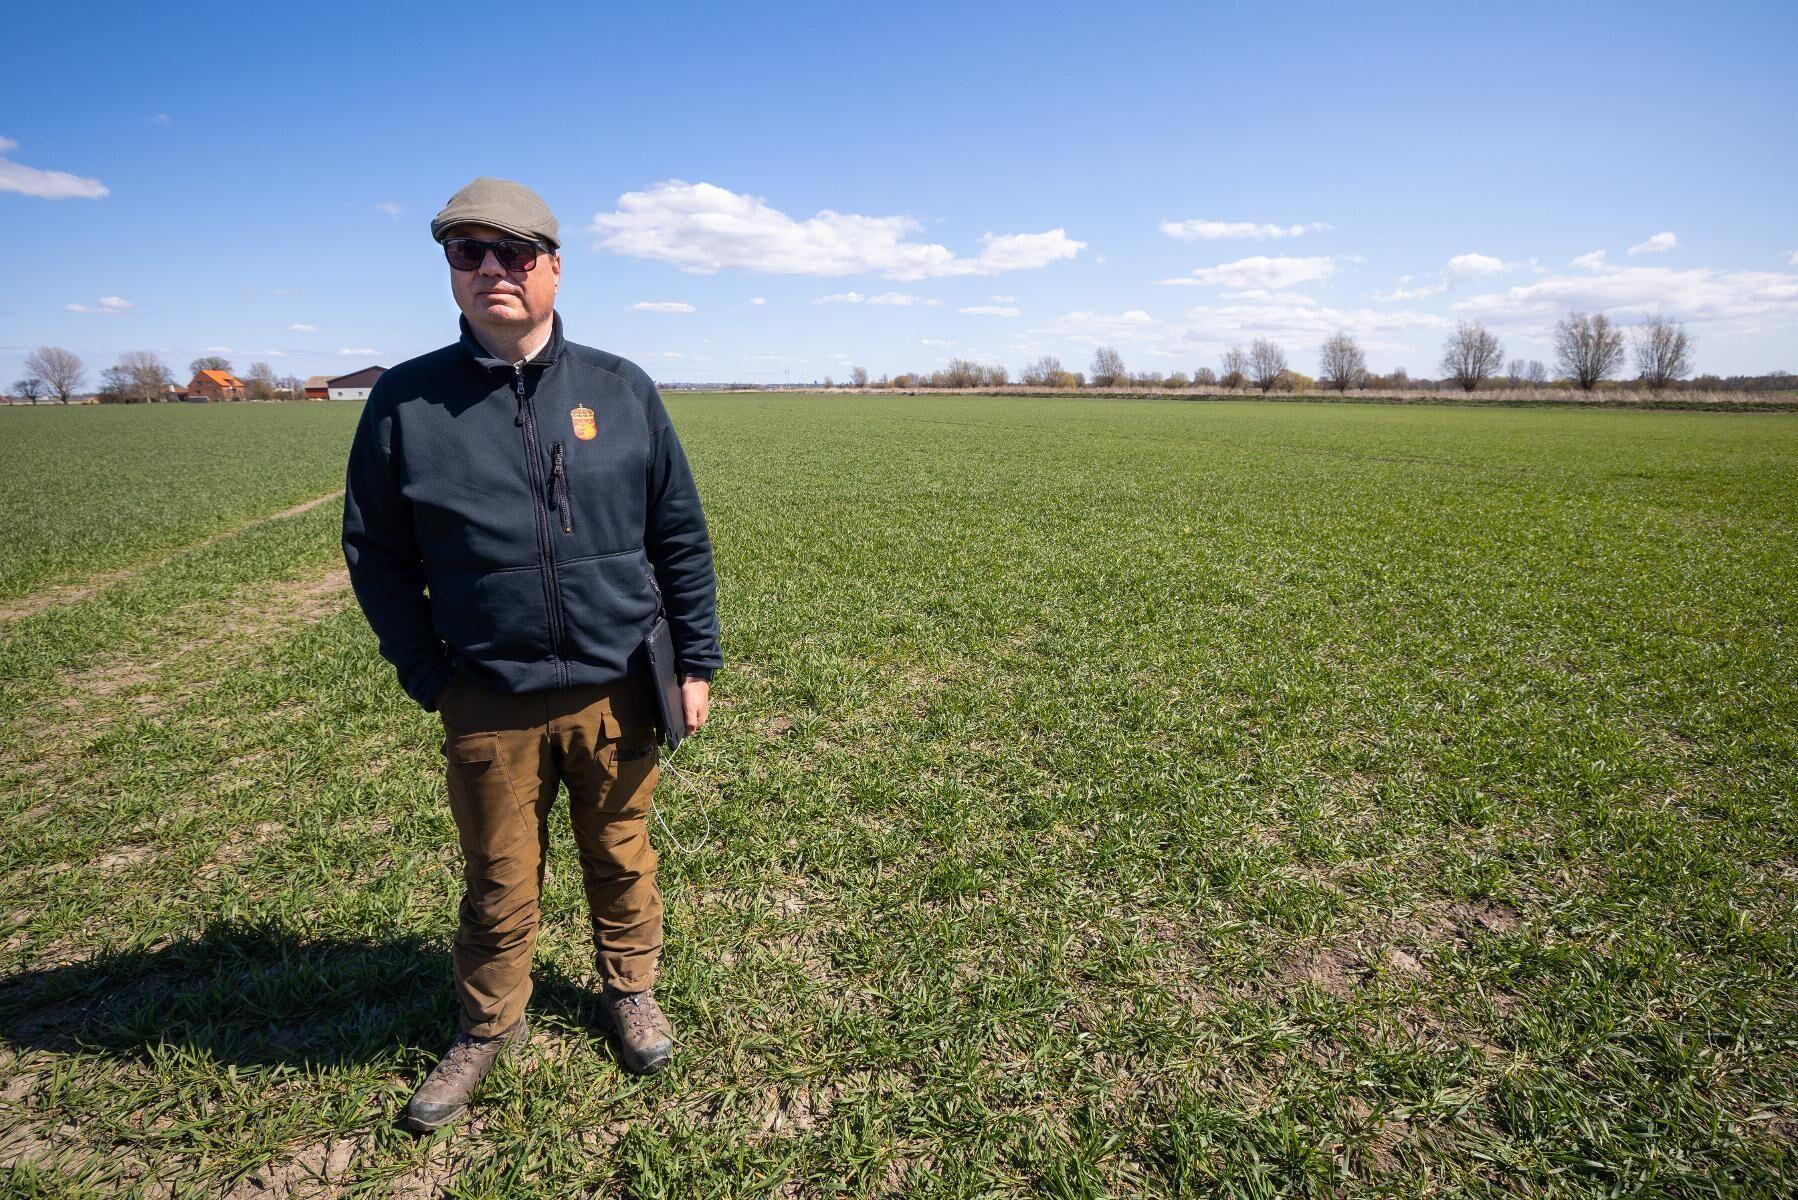 """Här beräknades den skadade ytan till 2,7 hektar. Höstveten är betad av gäss, men fortfarande grön. """"Jag har varit på stora rapsfält idag där det bara var jord"""", säger Anders Hallengren på Länsstyrelsen i Skåne."""